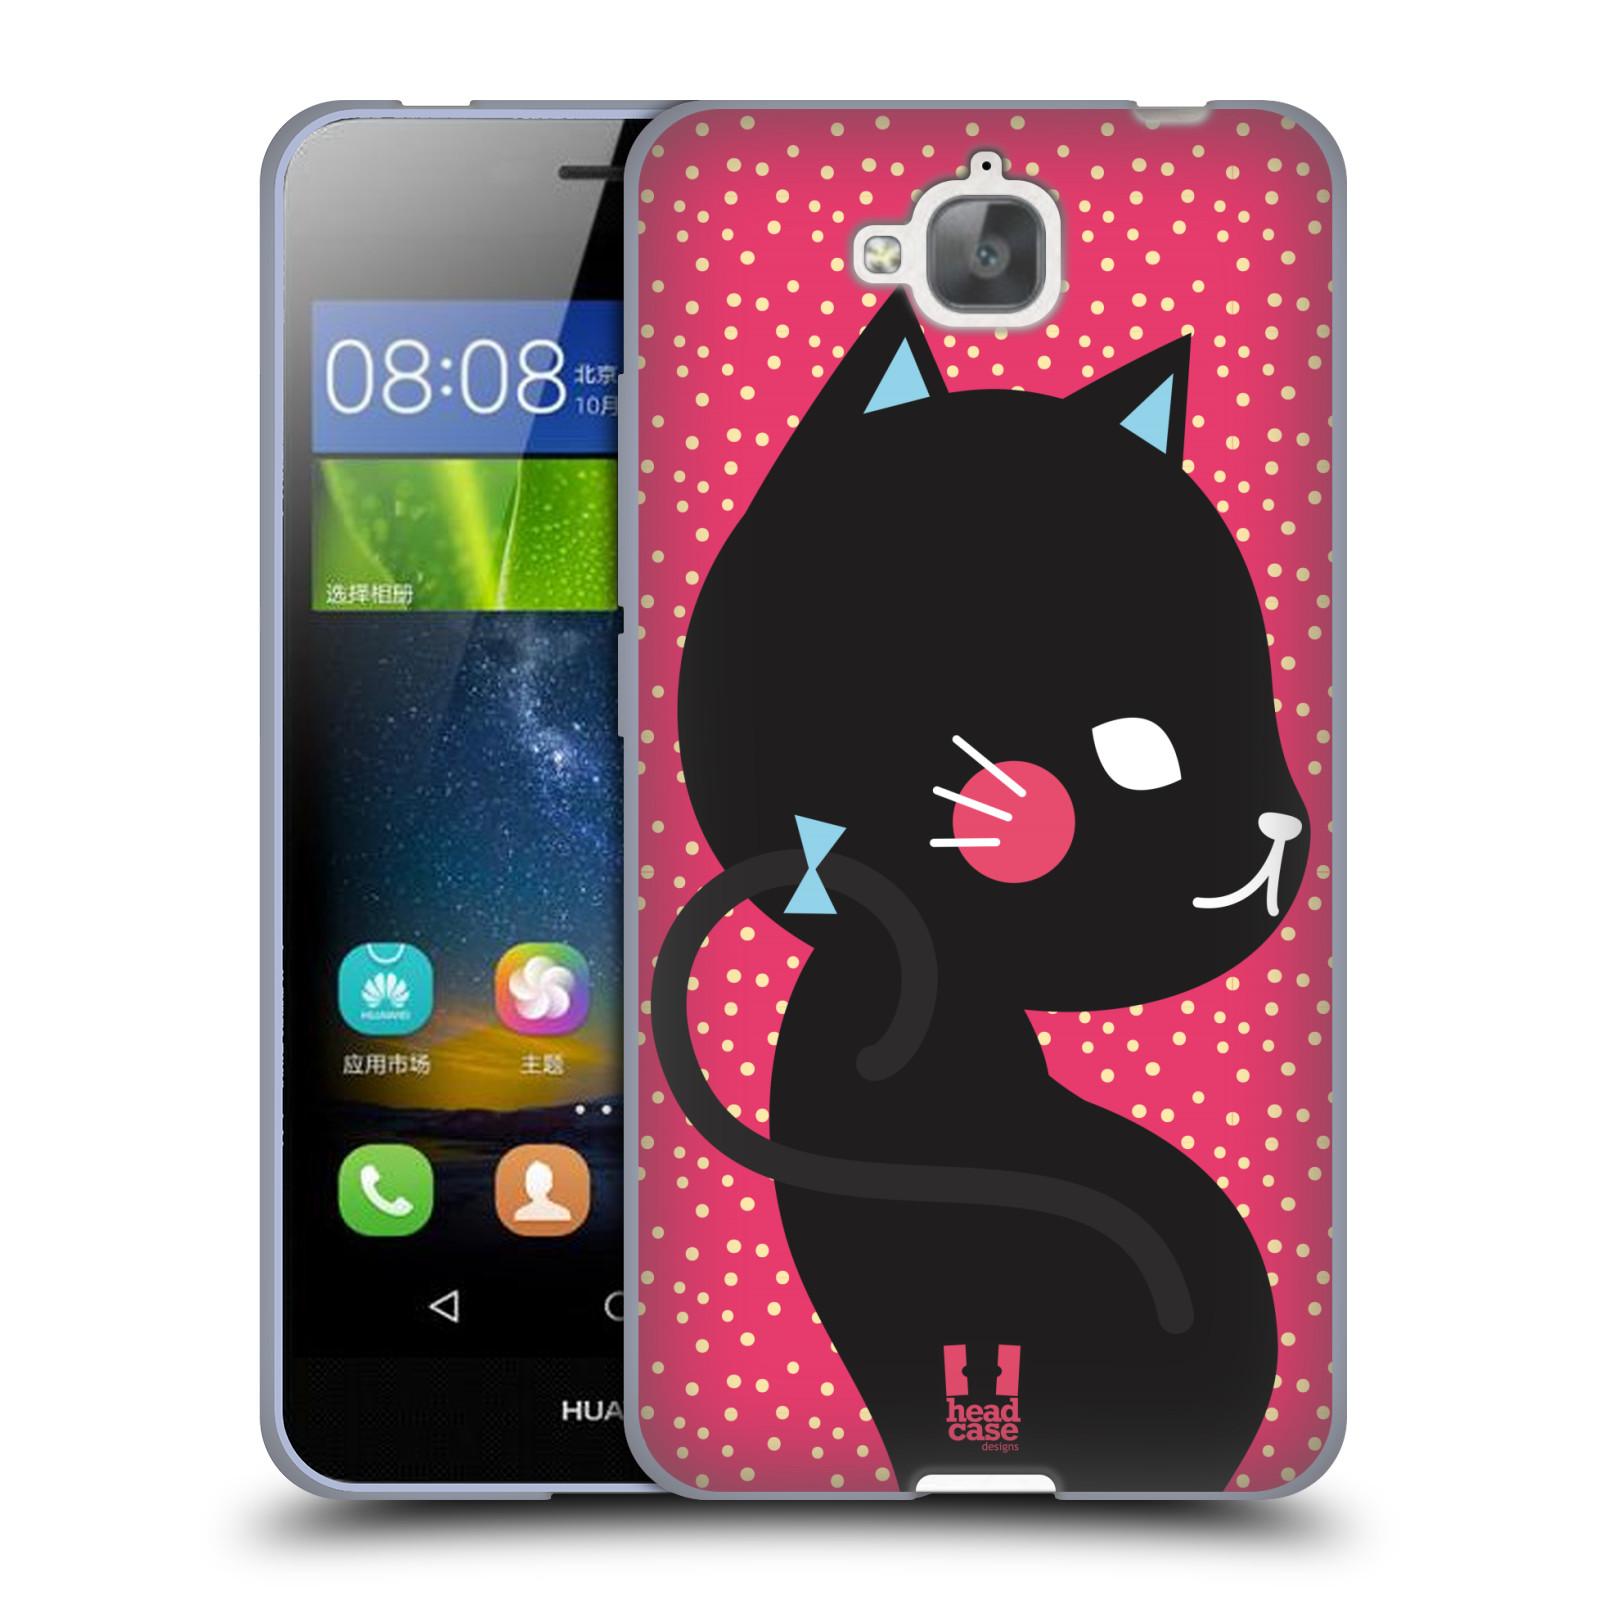 Silikonové pouzdro na mobil Huawei Y6 Pro Dual Sim HEAD CASE KOČIČKA Černá NA RŮŽOVÉ